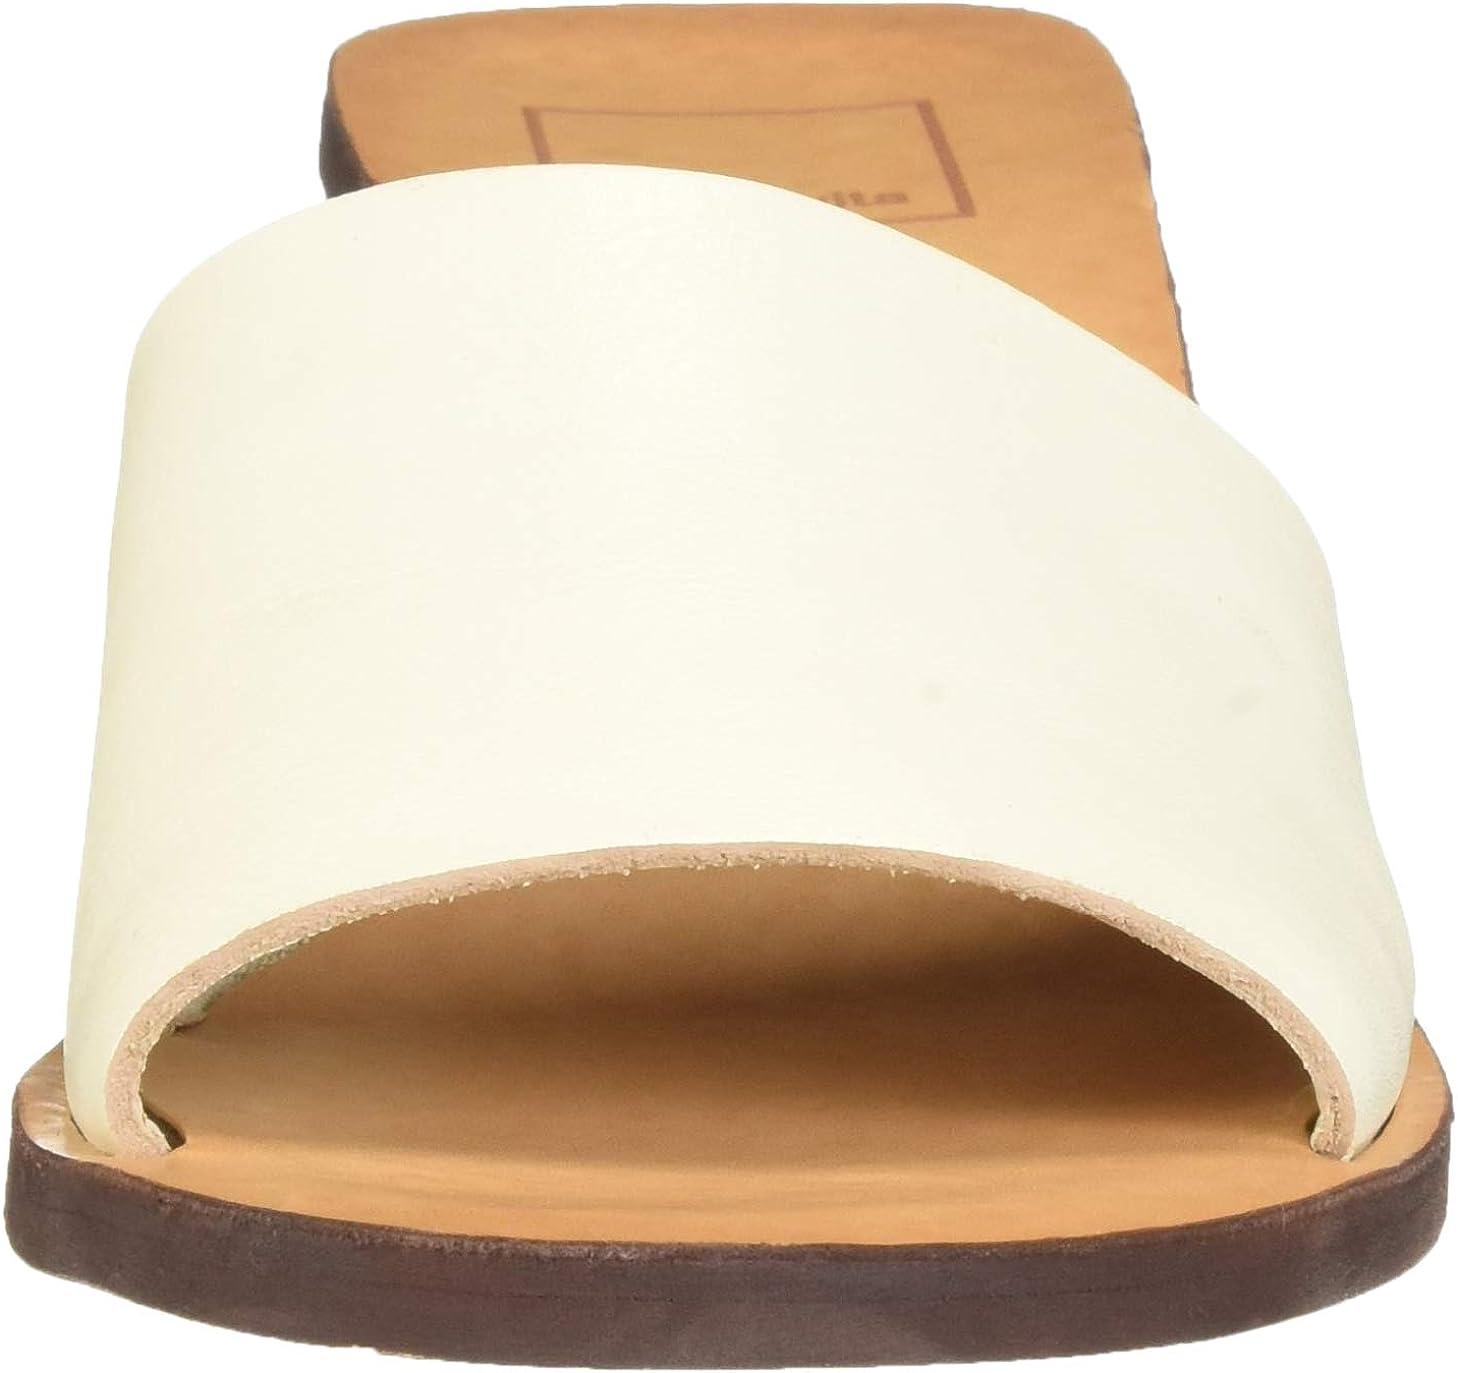 Kylin Slide Sandal, Ivory Leather